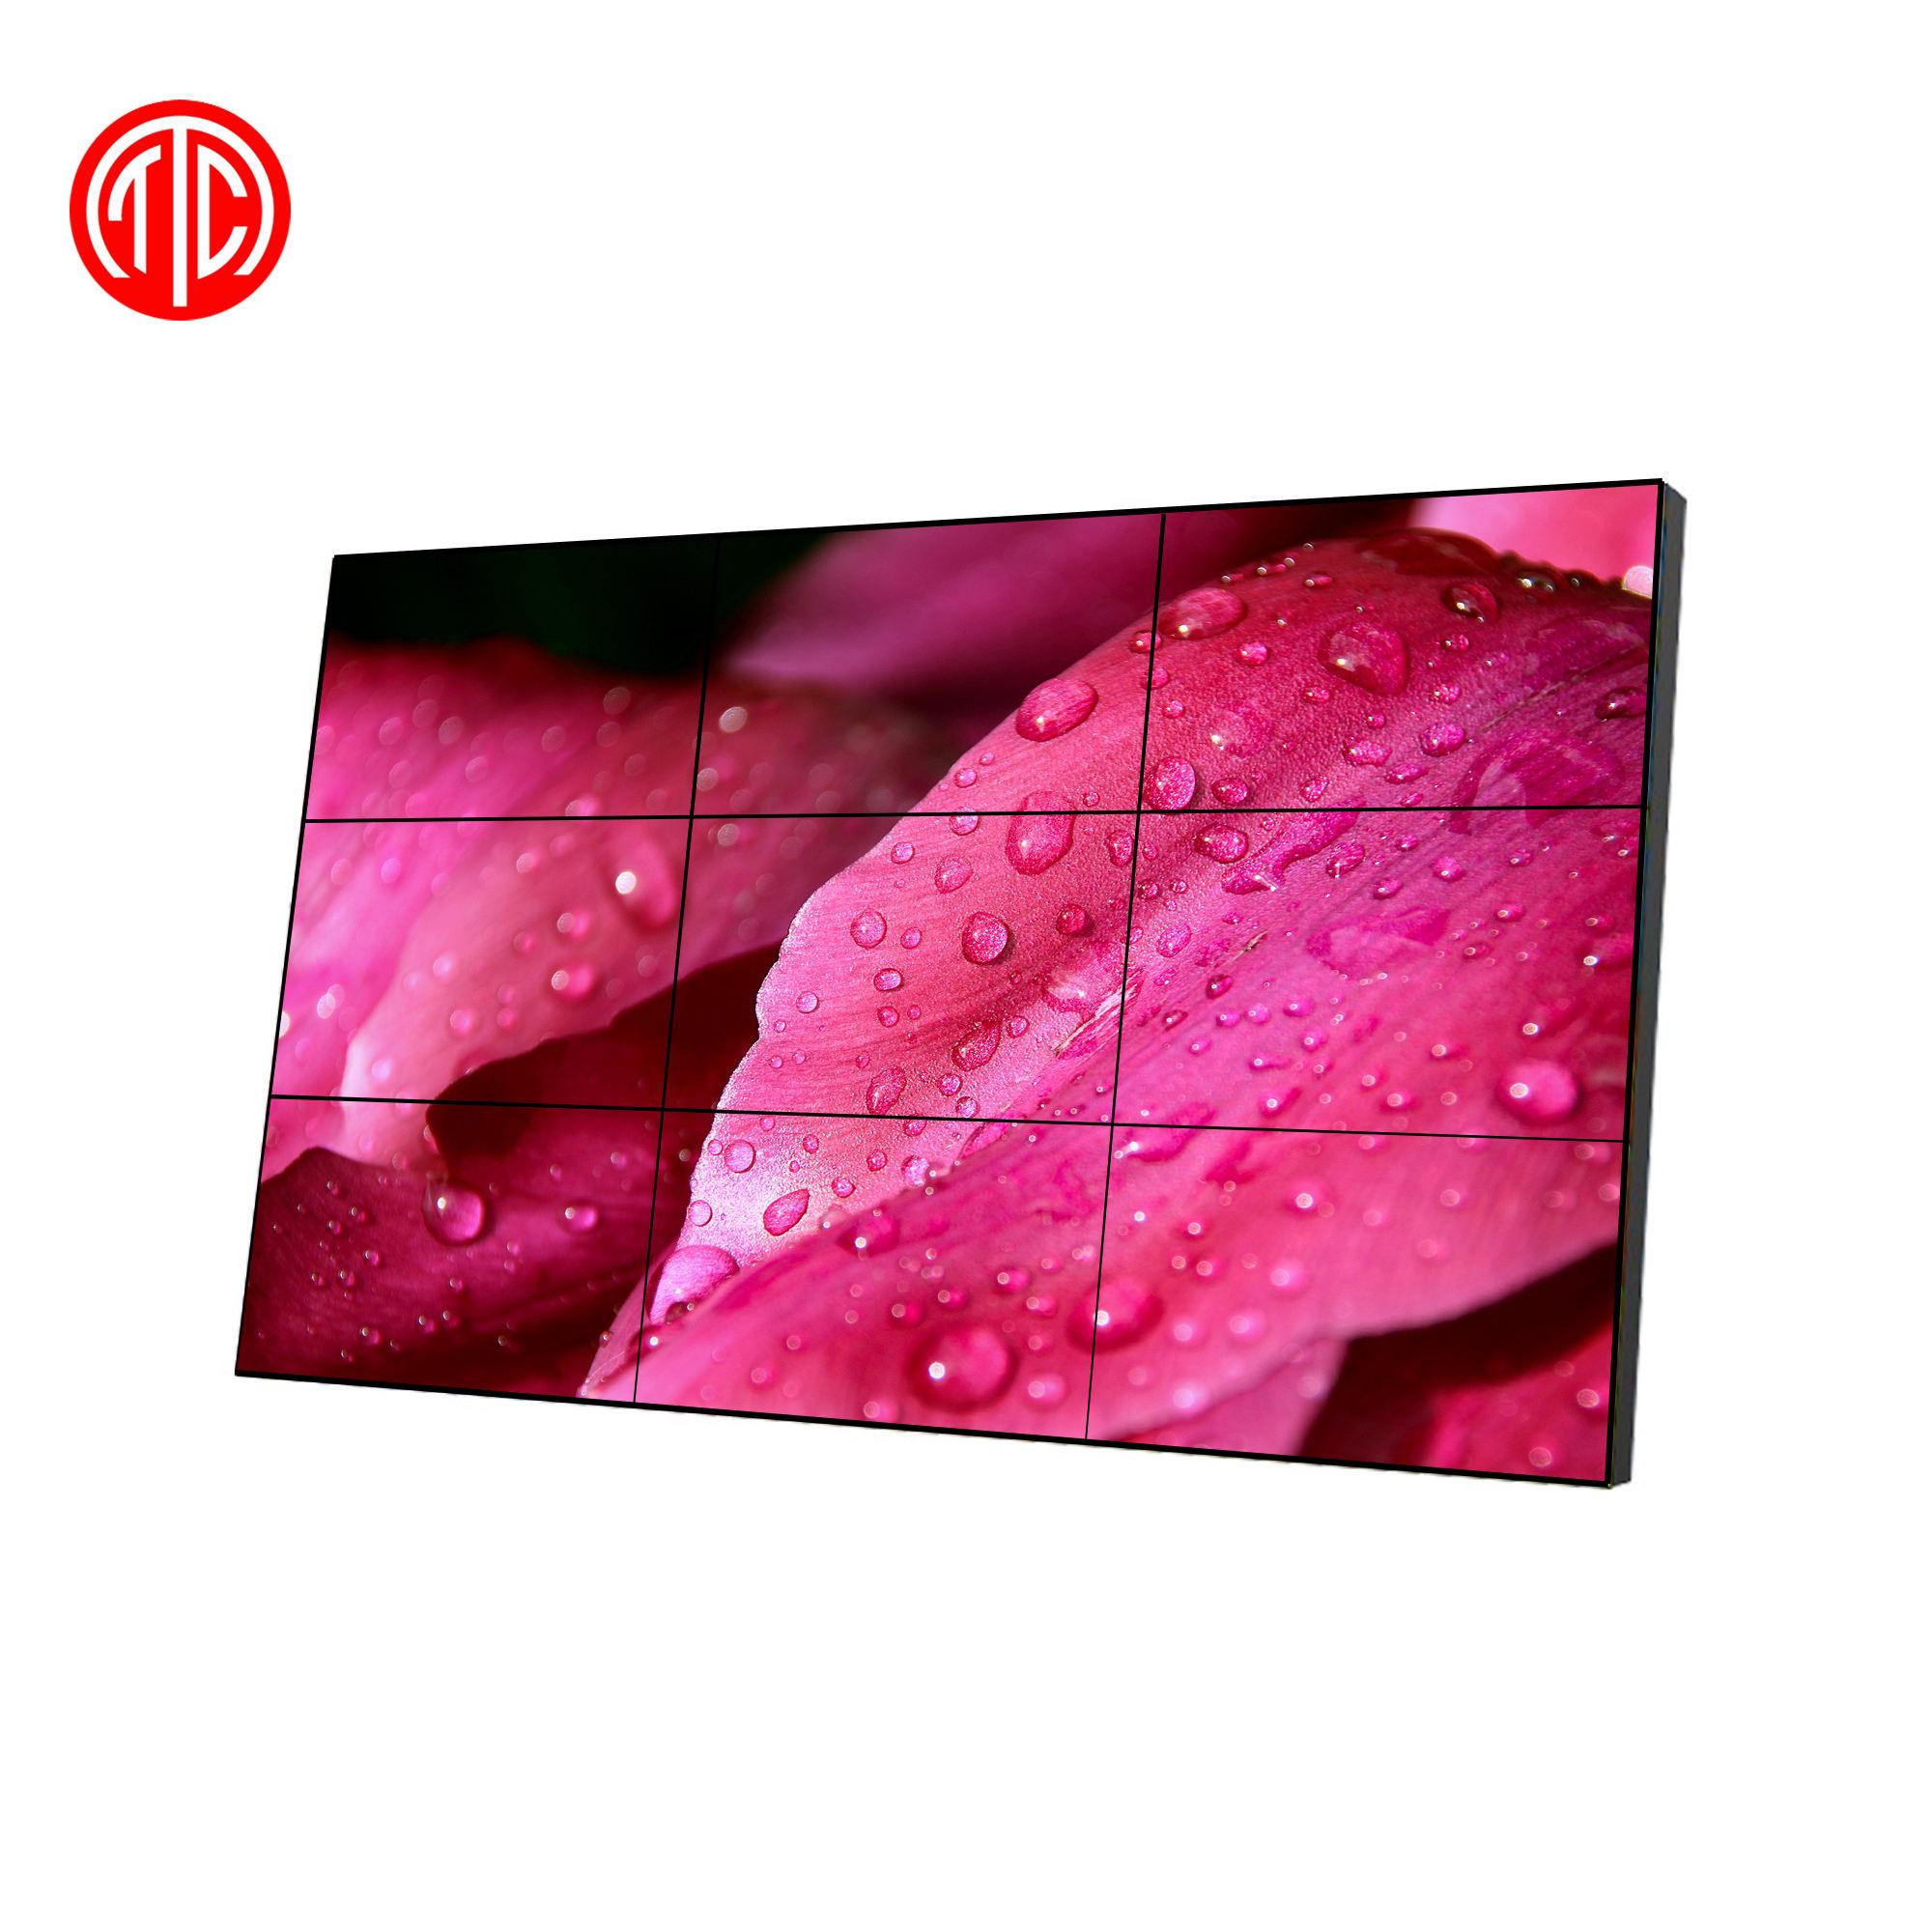 2*2 49 pollici poco costoso android di rete video wall controller pubblicità display a cristalli liquidi